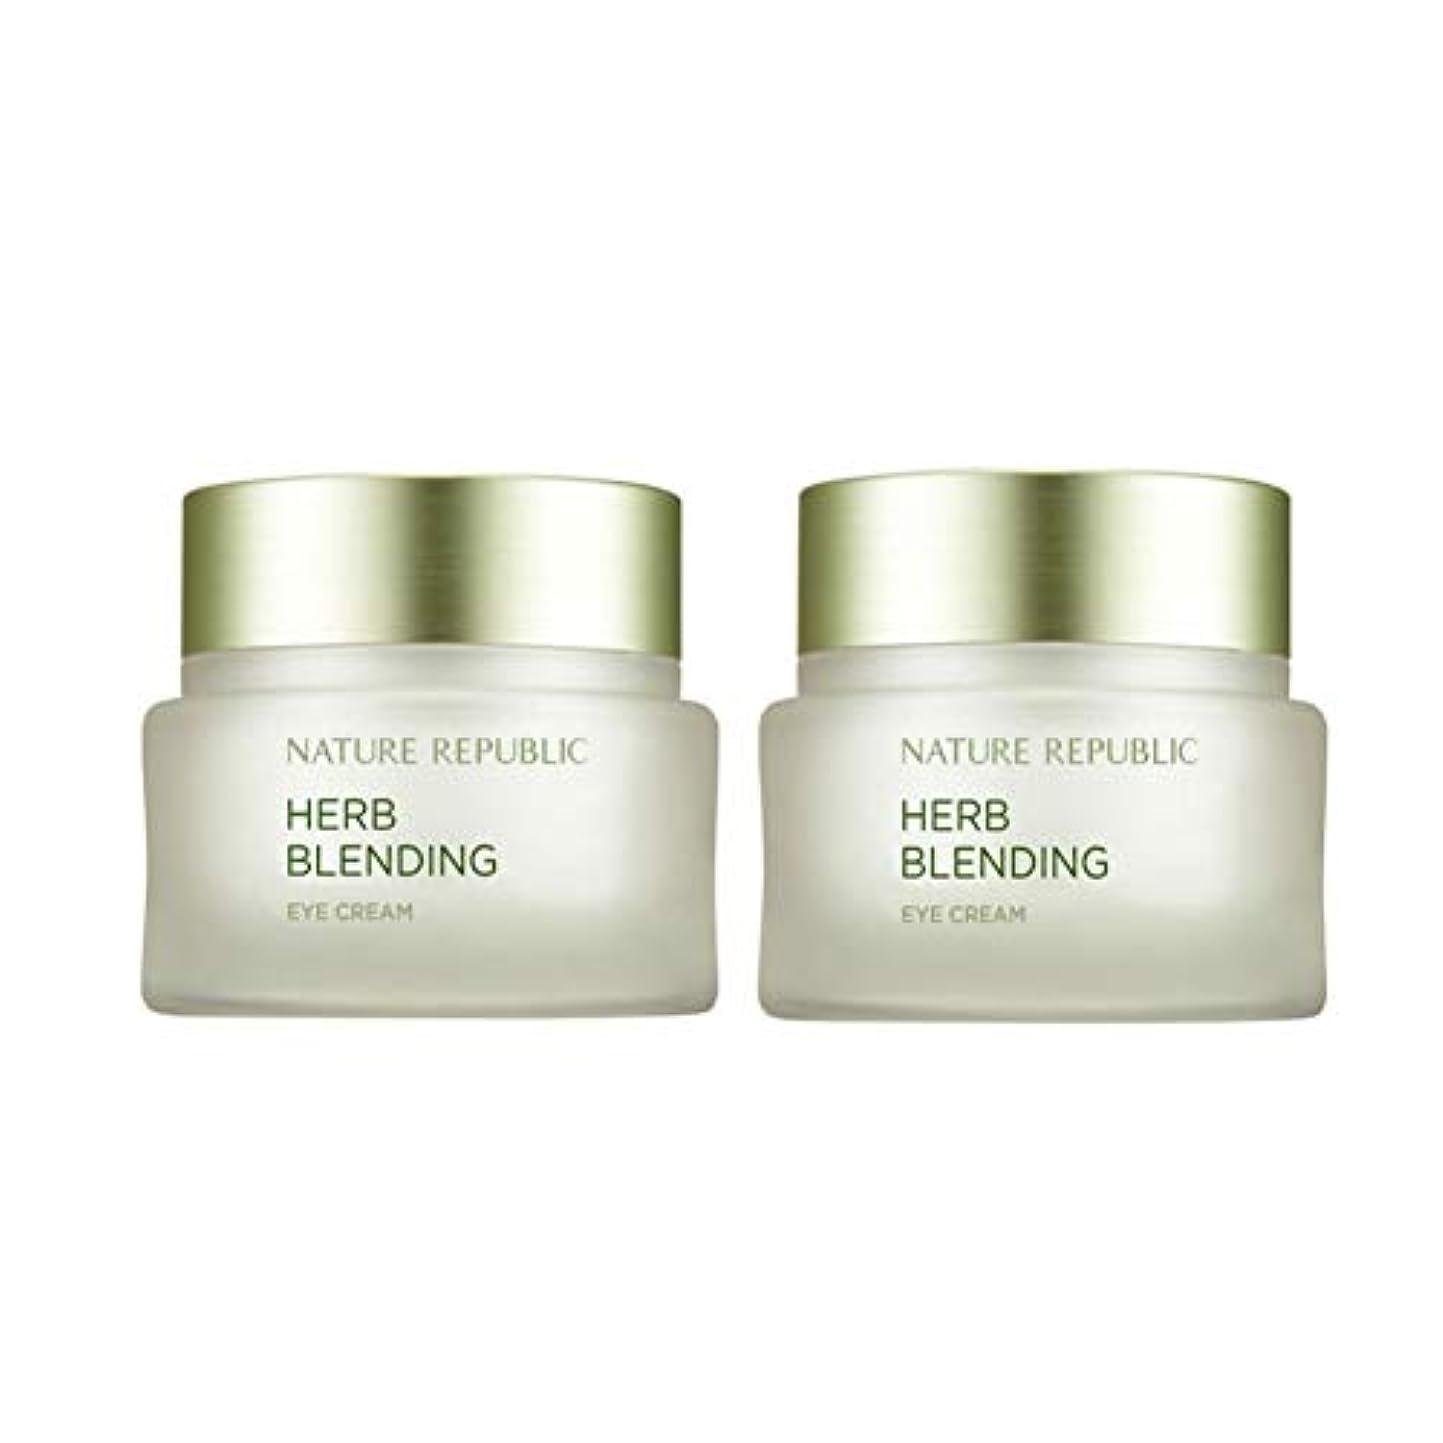 愛国的な高原メディアネイチャーリパブリックハーブ?ブレンディングクリーム50mlx 2本セット韓国コスメ、Nature Republic Herb Blending Cream 50ml x 2ea Set Korean Cosmetics...